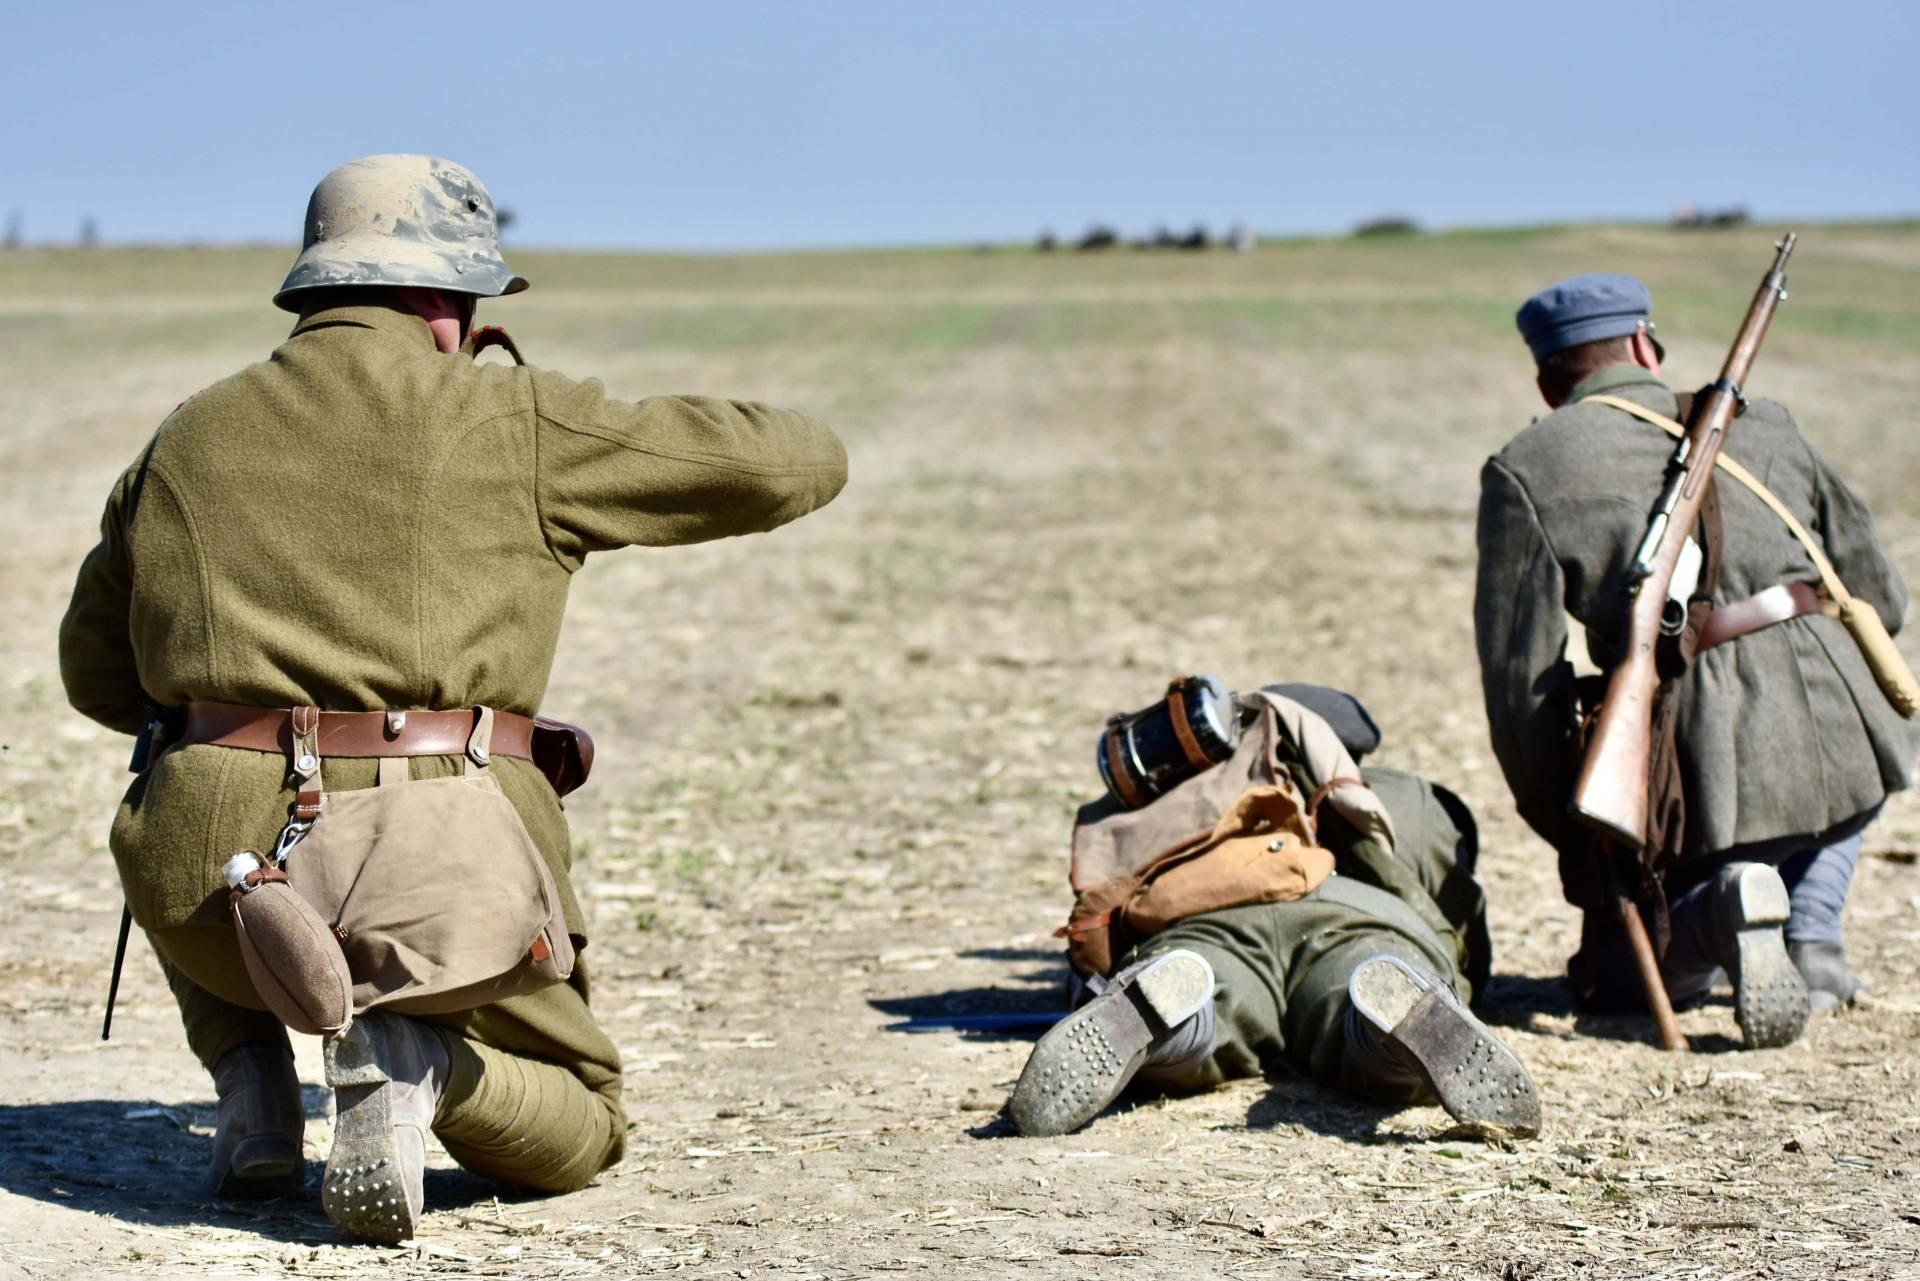 dsc 0938 Czas szabli - 100 rocznica bitwy pod Komarowem(zdjęcia)